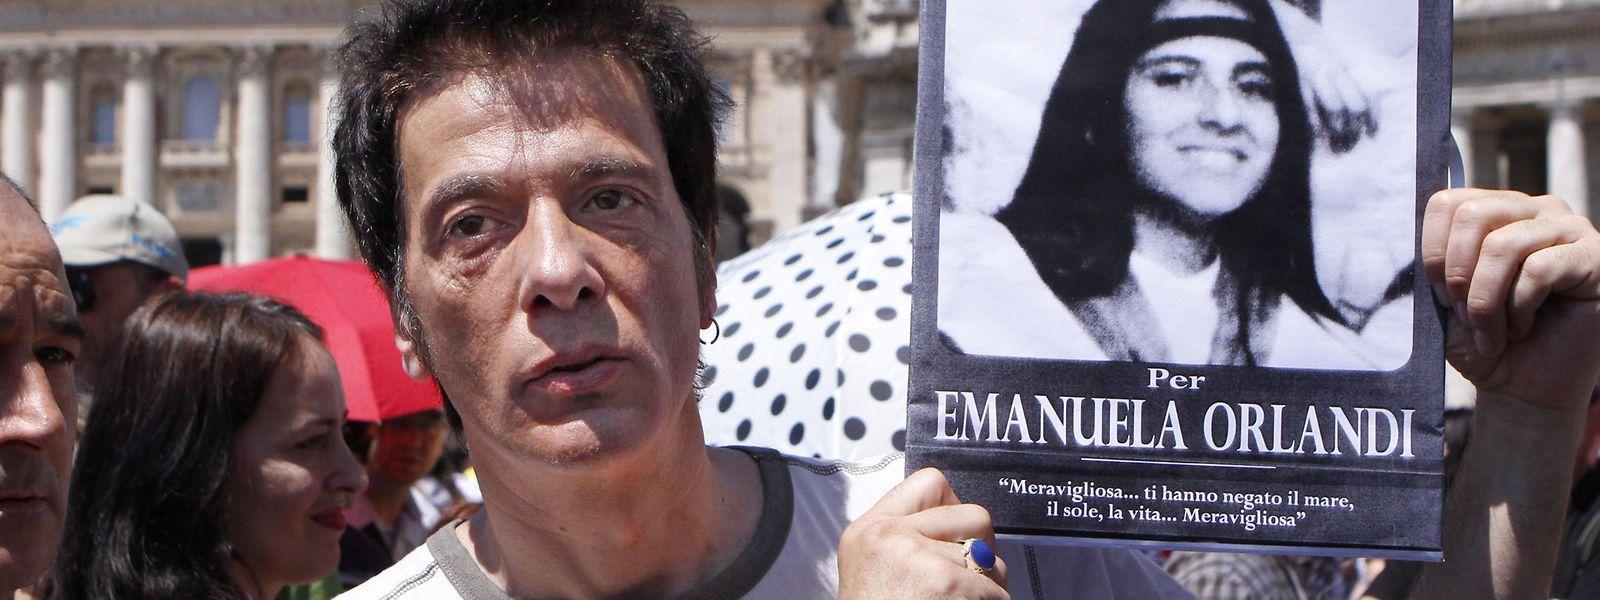 Pietro Orlandi, der Bruder der vermissten Emanuela Orlandi, hält auf dem Petersplatz ein Foto seiner auf mysteriöse Weise verschwundenen Schwester in den Händen.